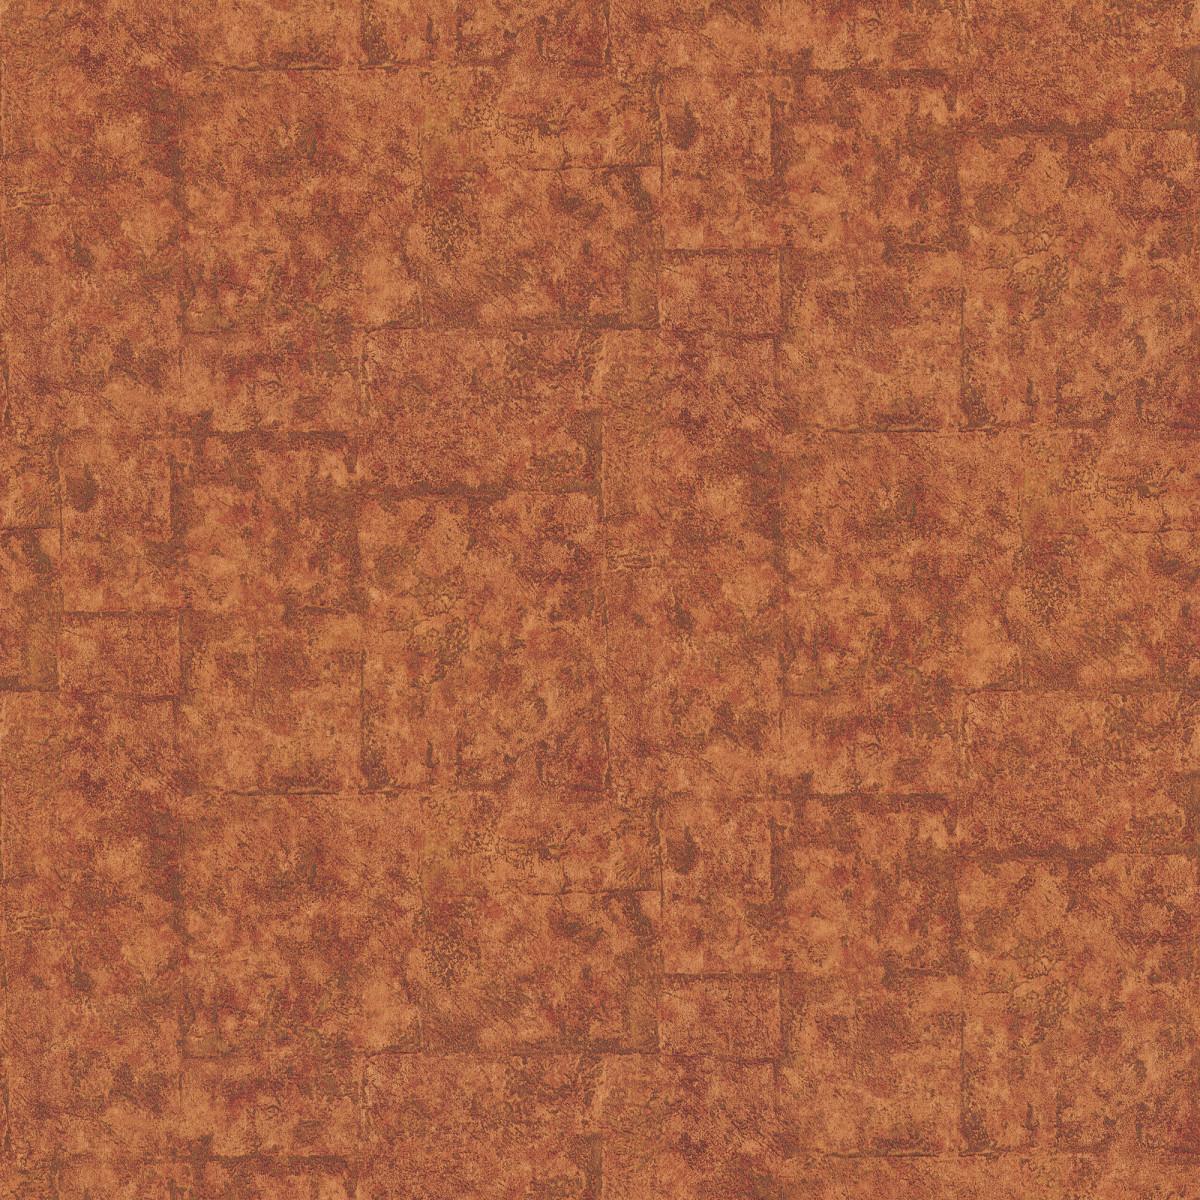 Обои флизелиновые Home Color коричневые 1.06 м HC71044-85